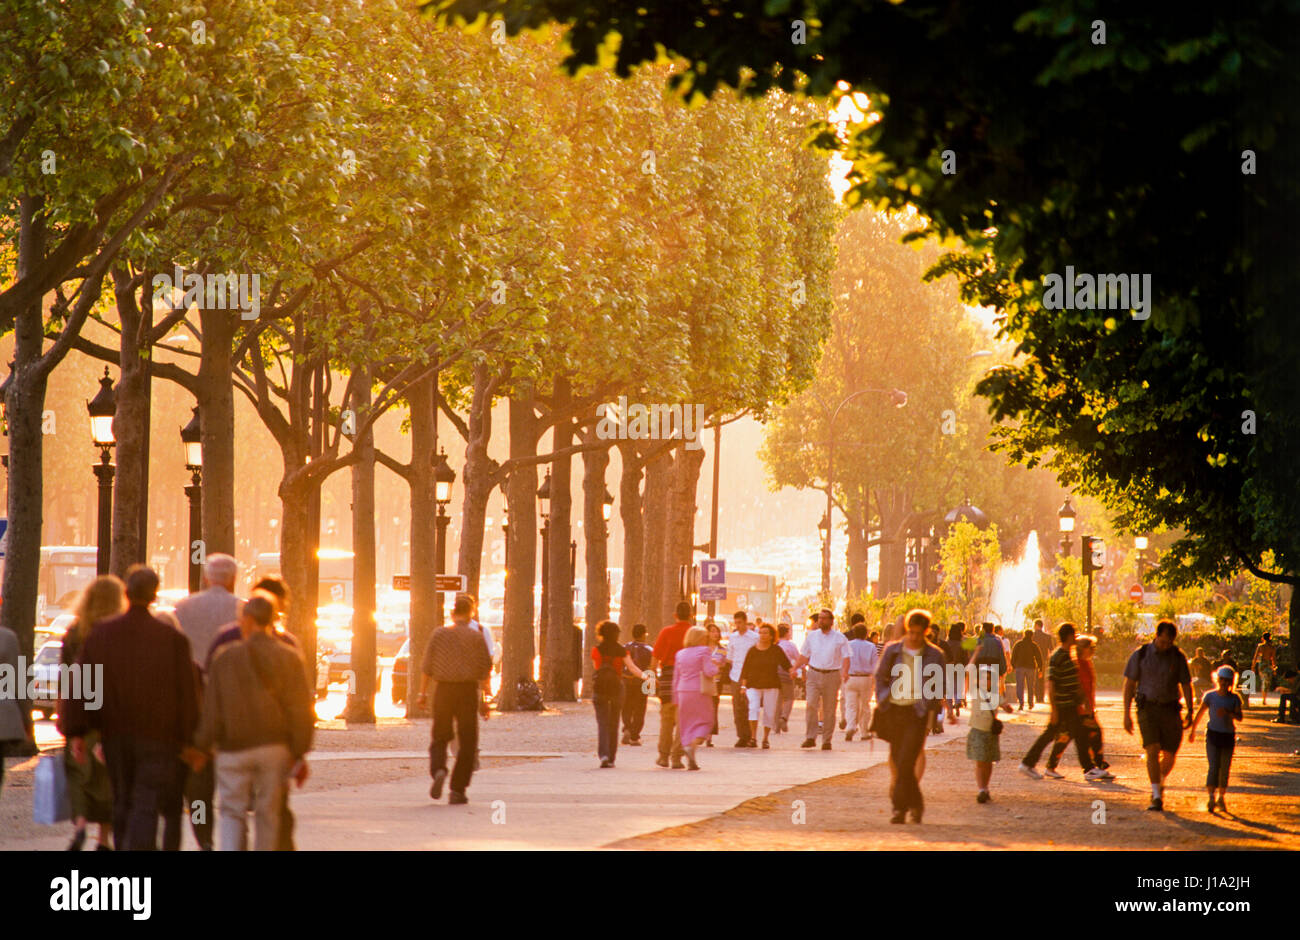 Les gens qui marchent sur la chaussée. Photo Stock